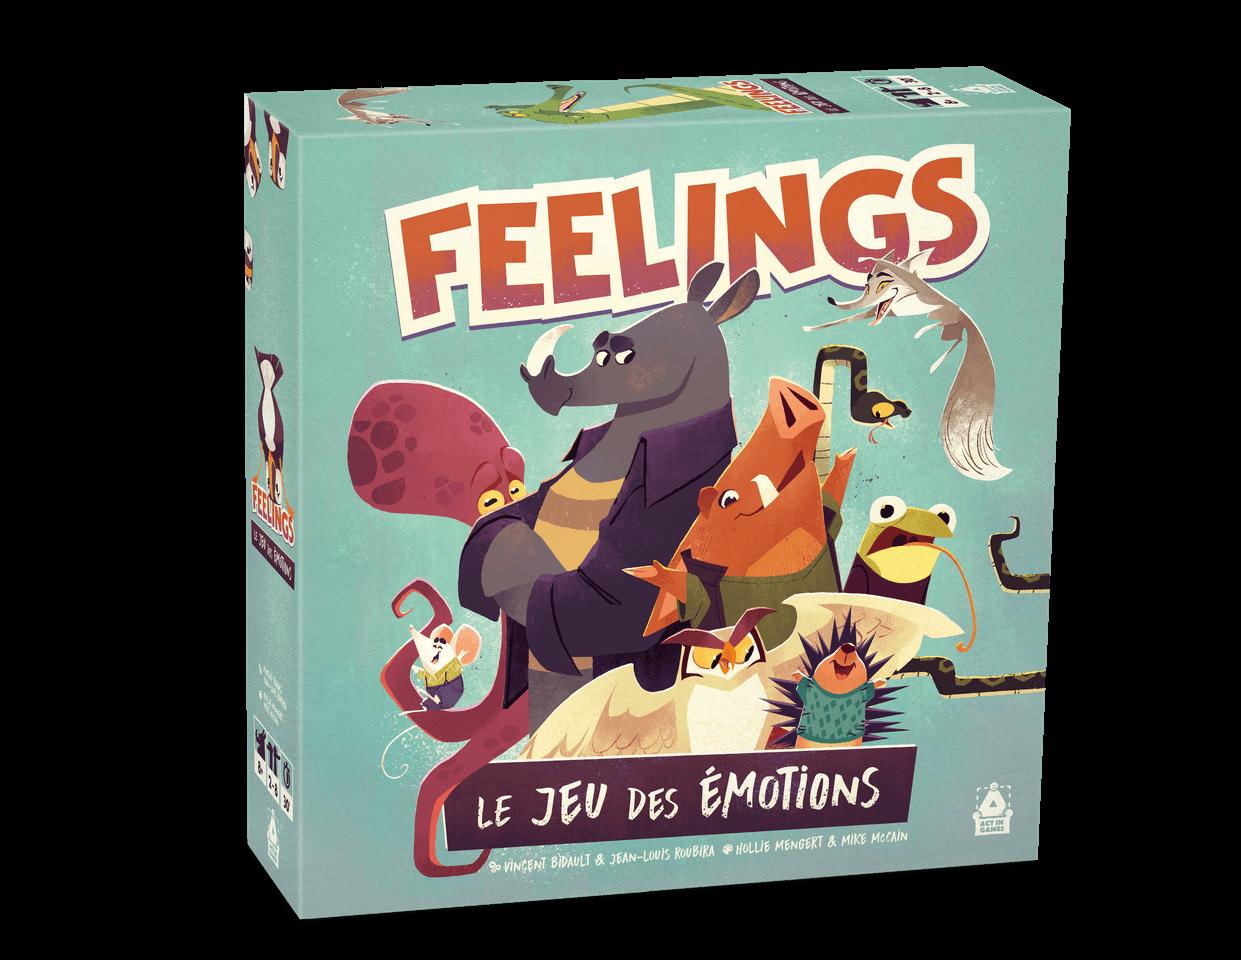 feelings le jeu des emotions jeu cooperatif outil relationnel boite